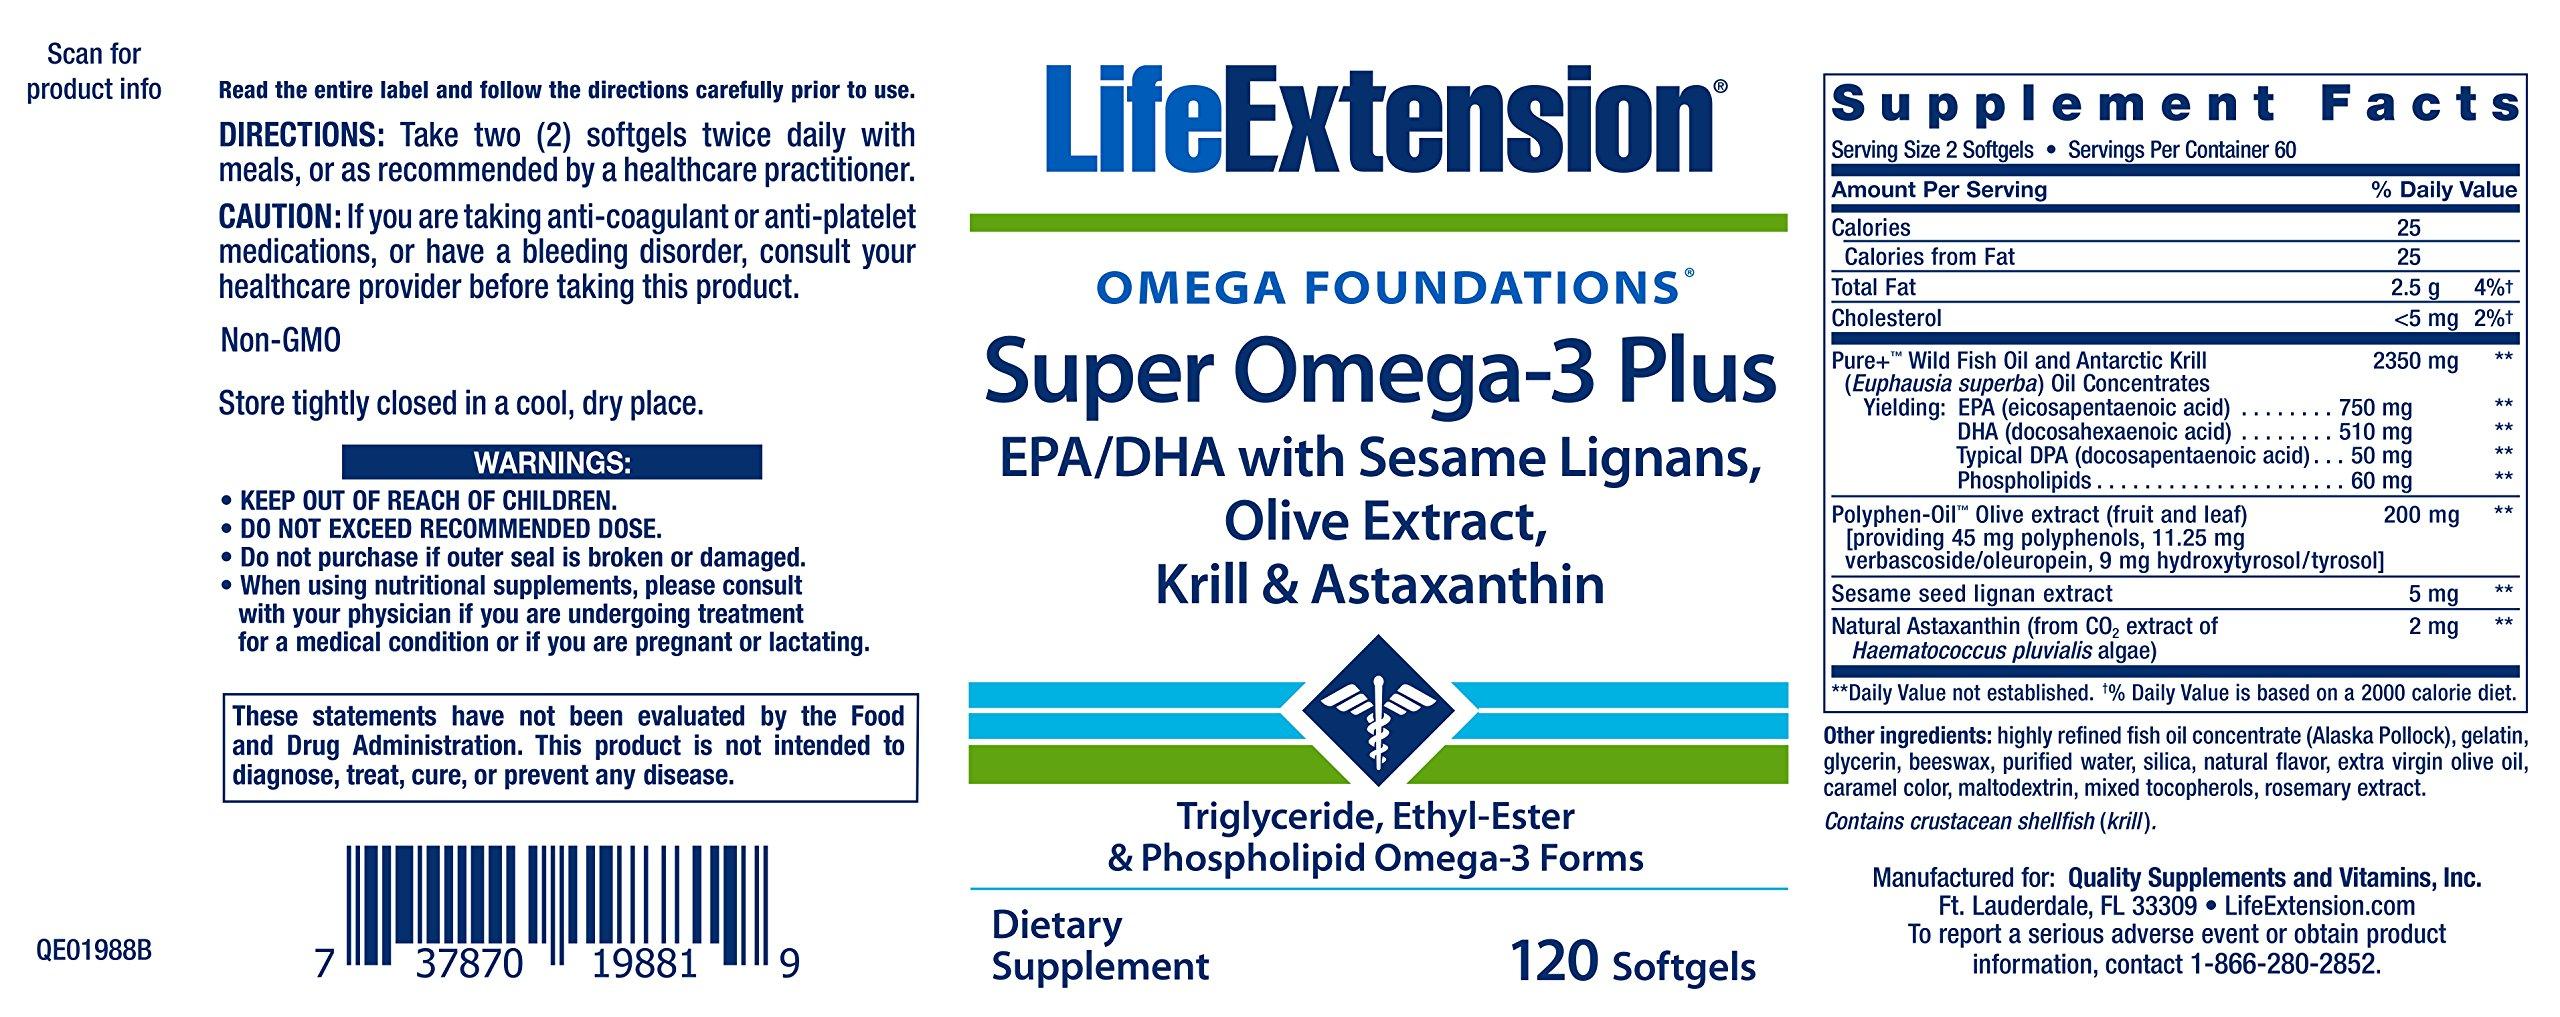 91aFLoHo6AL - Super Omega-3 Plus 120 Softgels